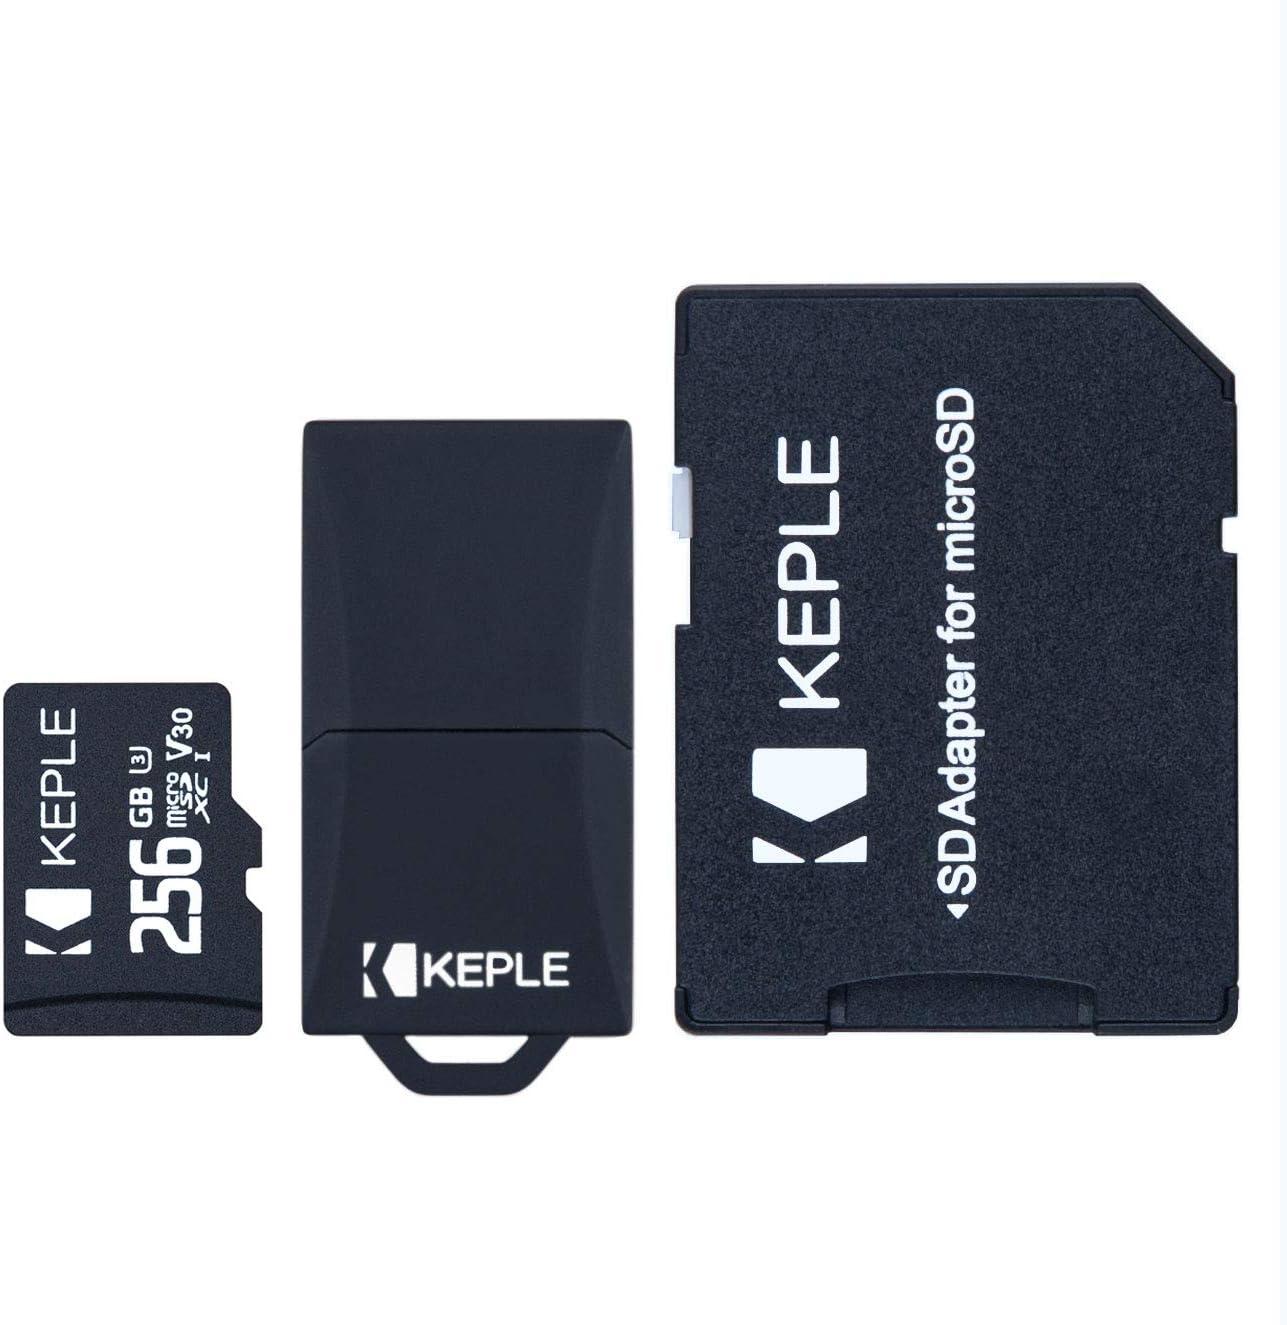 256GB microSD Tarjeta de Memoria | Compatible con Xiaomi Redmi Y3, 7A,7, 8A, 6A,6, 6 Pro, S2, Y2; Note 8 Pro, 8, 7 Pro, 7, 7S; Mi 9 Lite, A3, CC9, CC9e, Play, 8 Lite, A2 Lite, MAX 3; F1 | 256GB